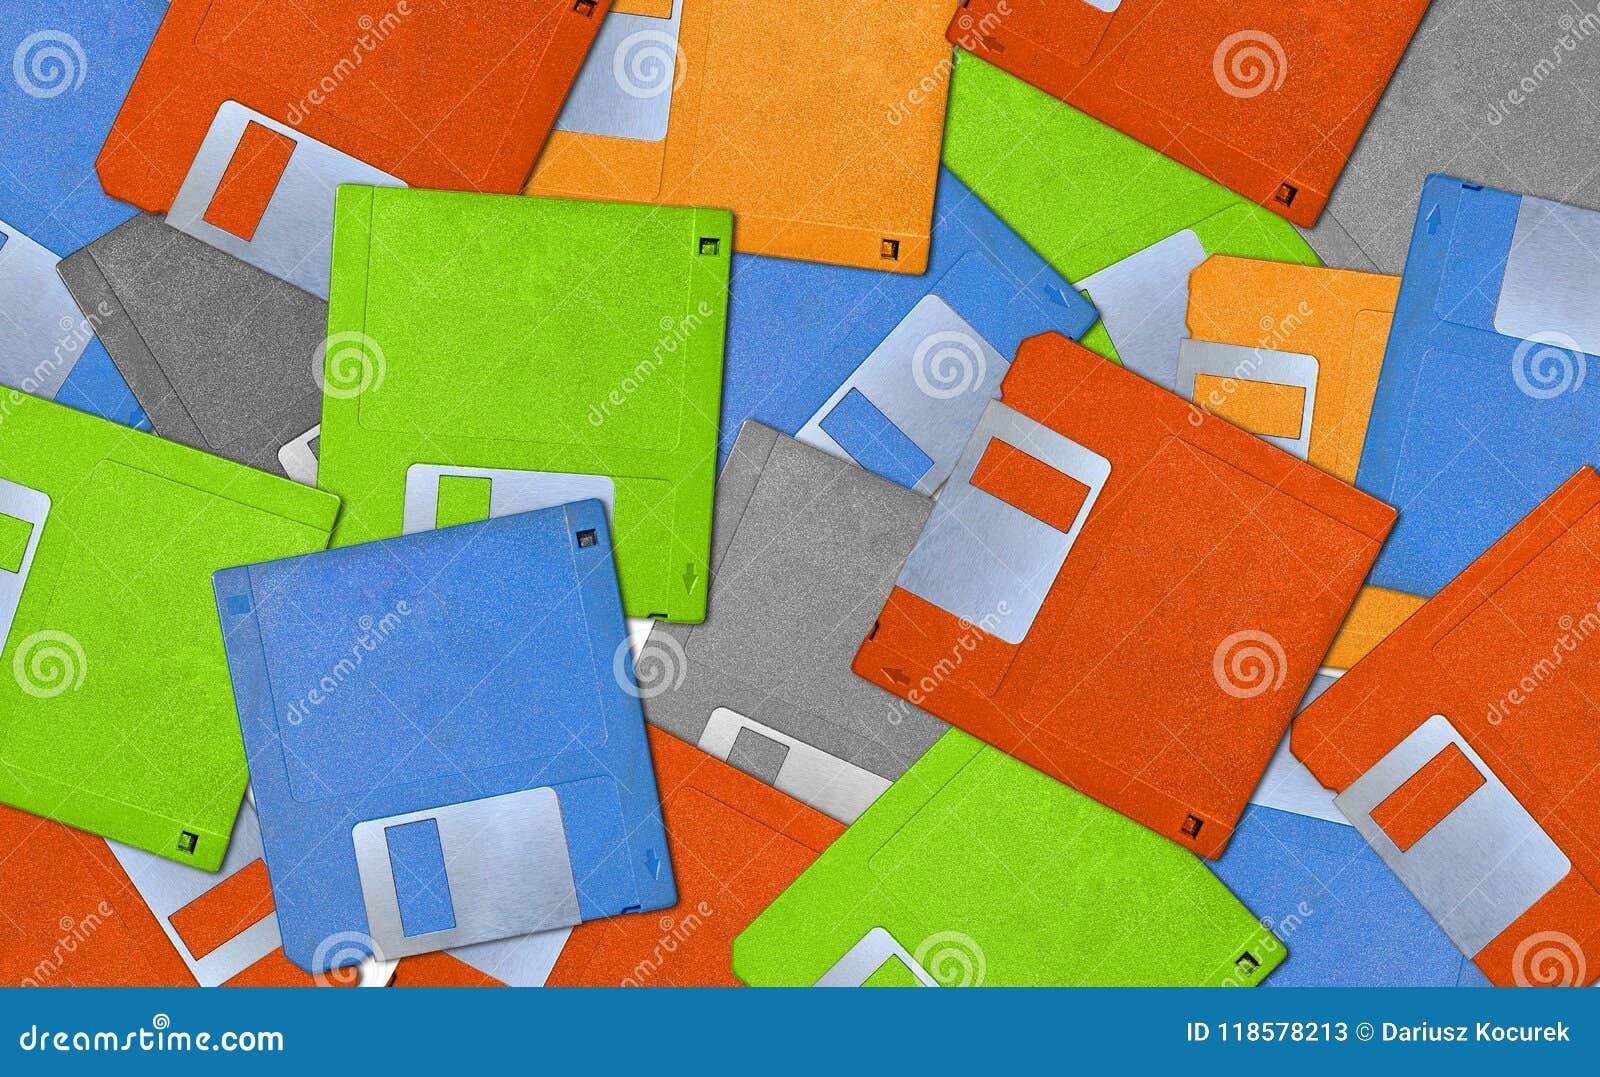 Kleurrijke achtergrond met oude diskettes - diskette